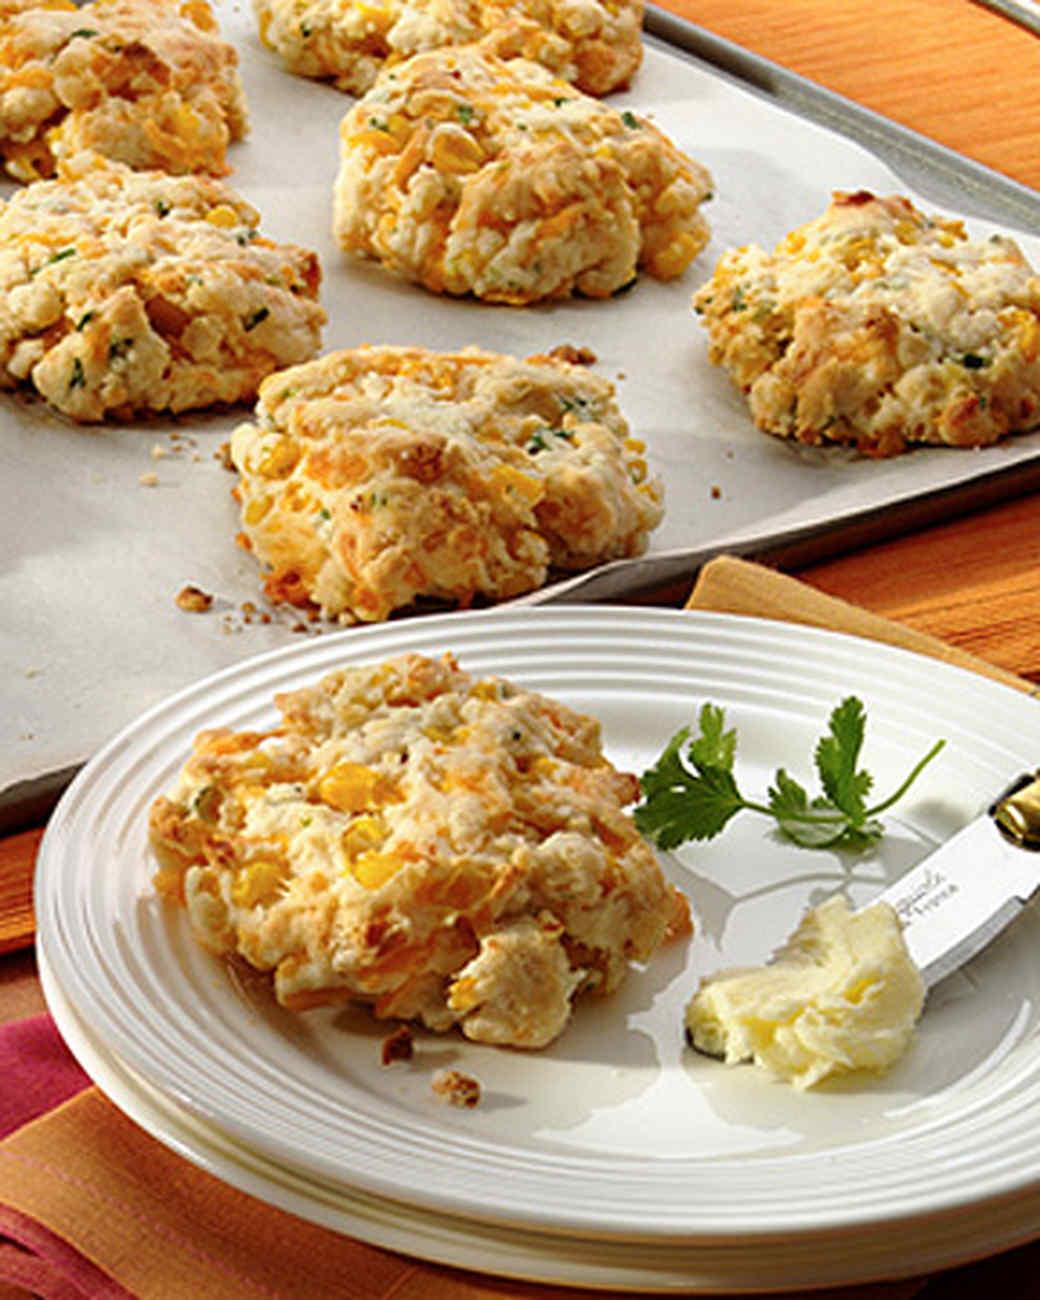 jalapeno-cheddar-biscuits.jpg